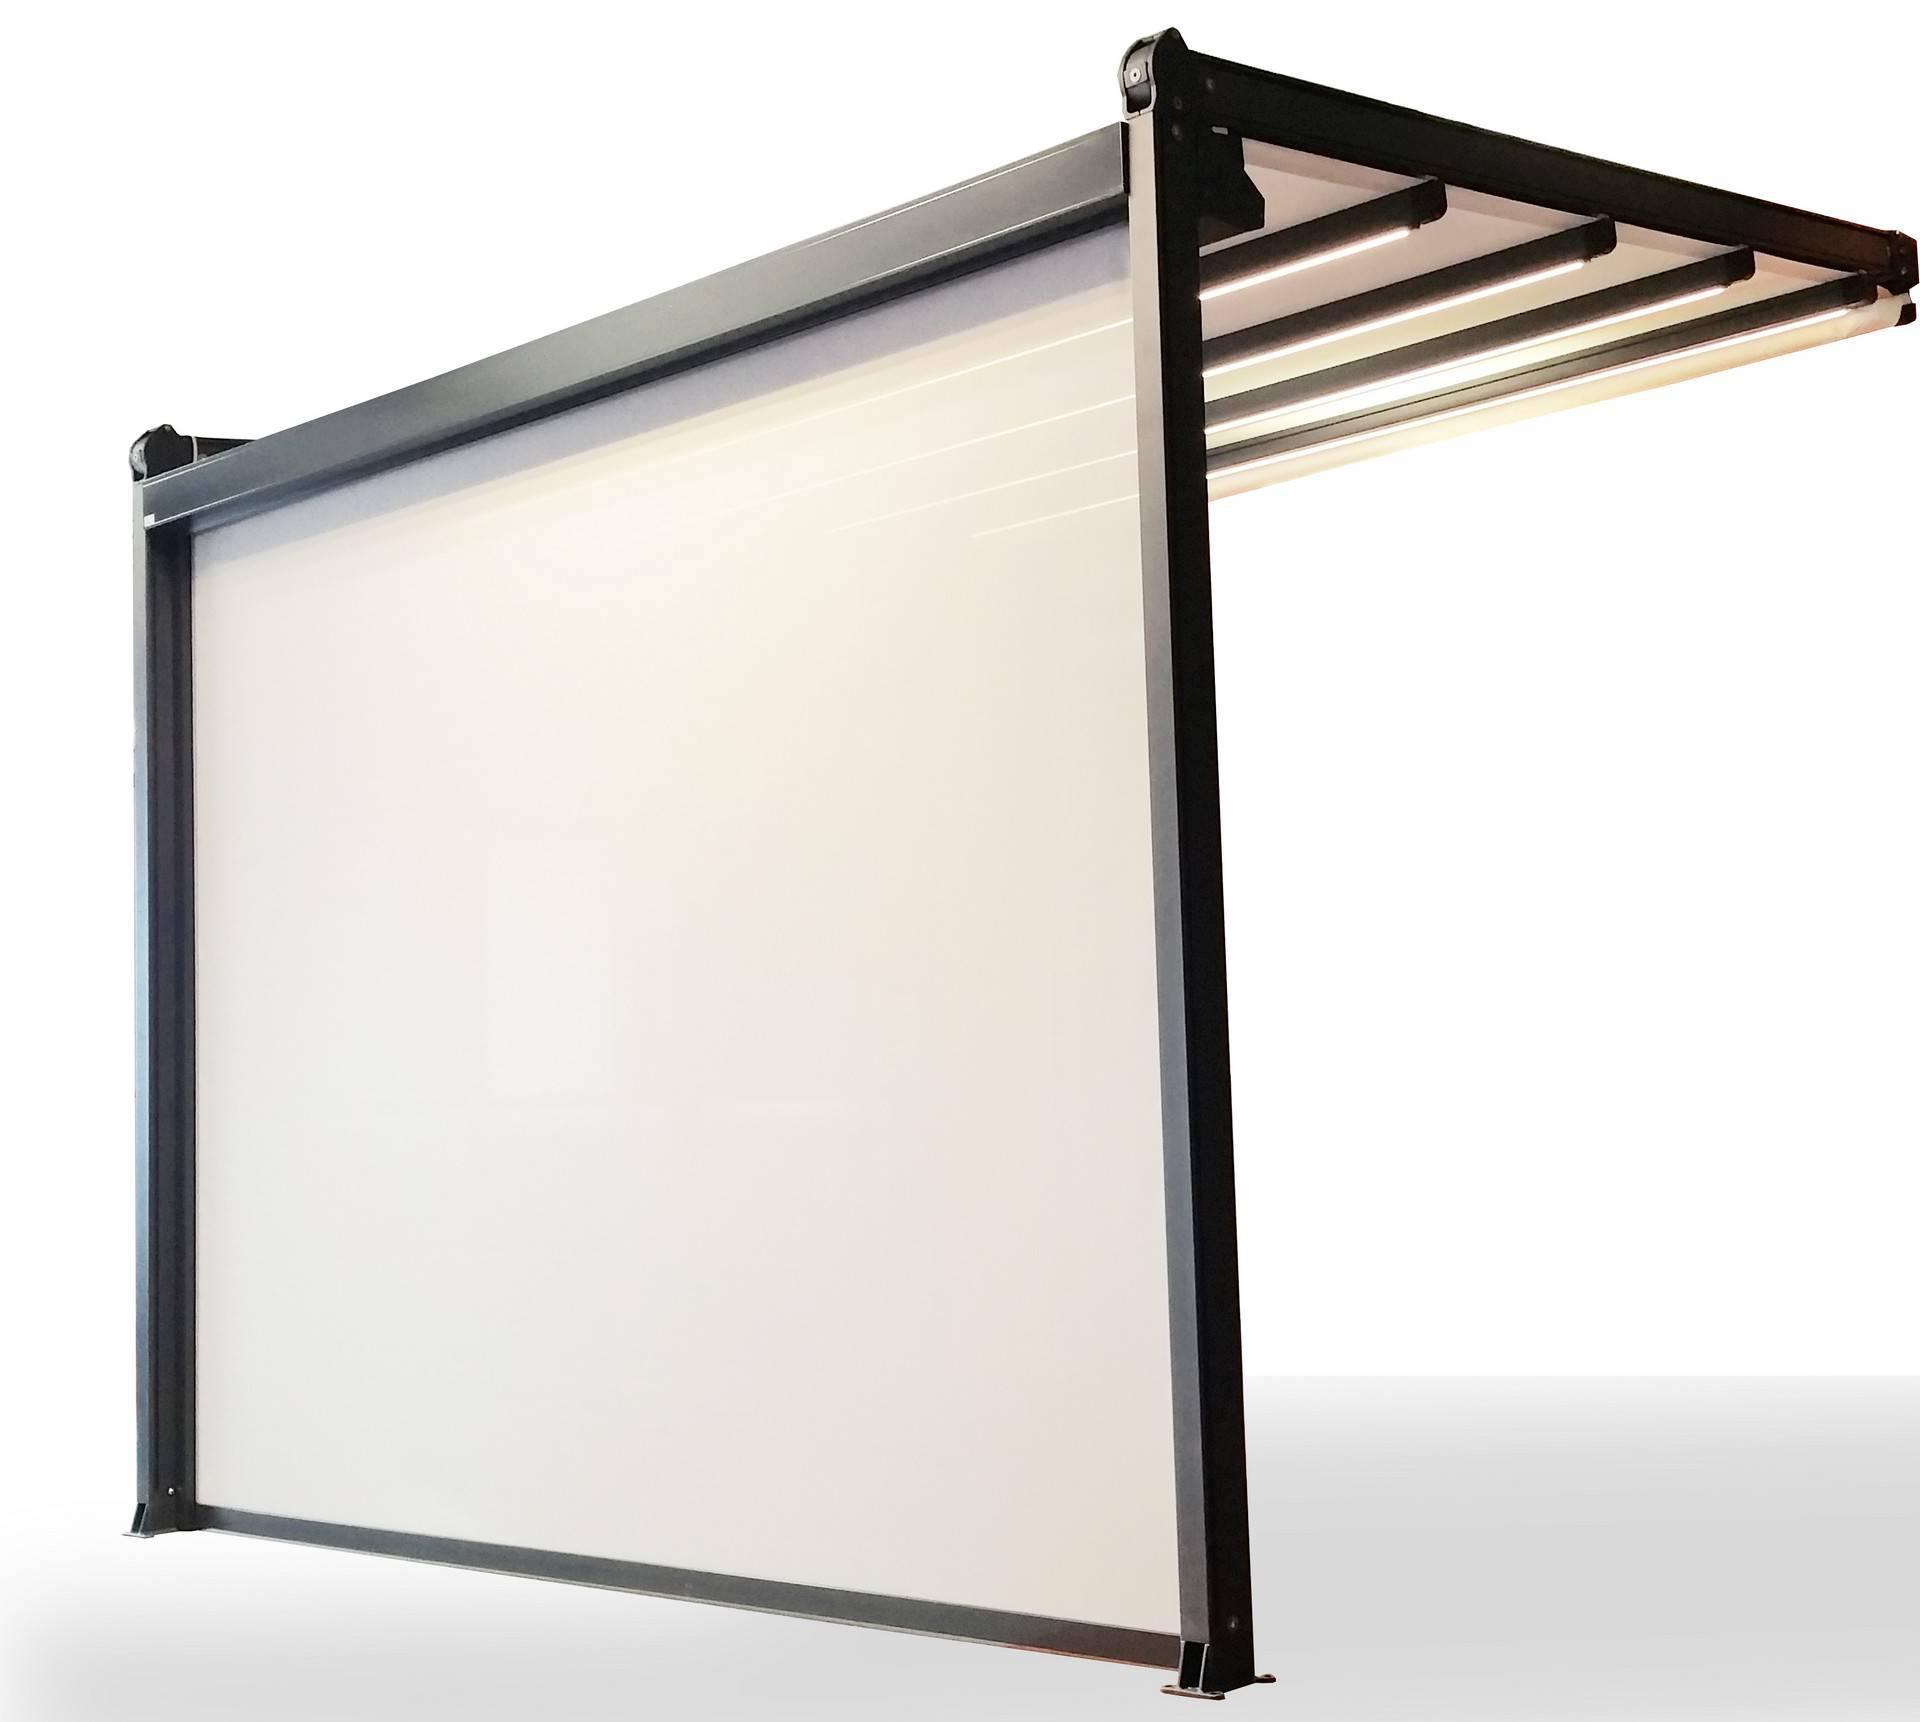 Pergola segmentowa z roletą screen